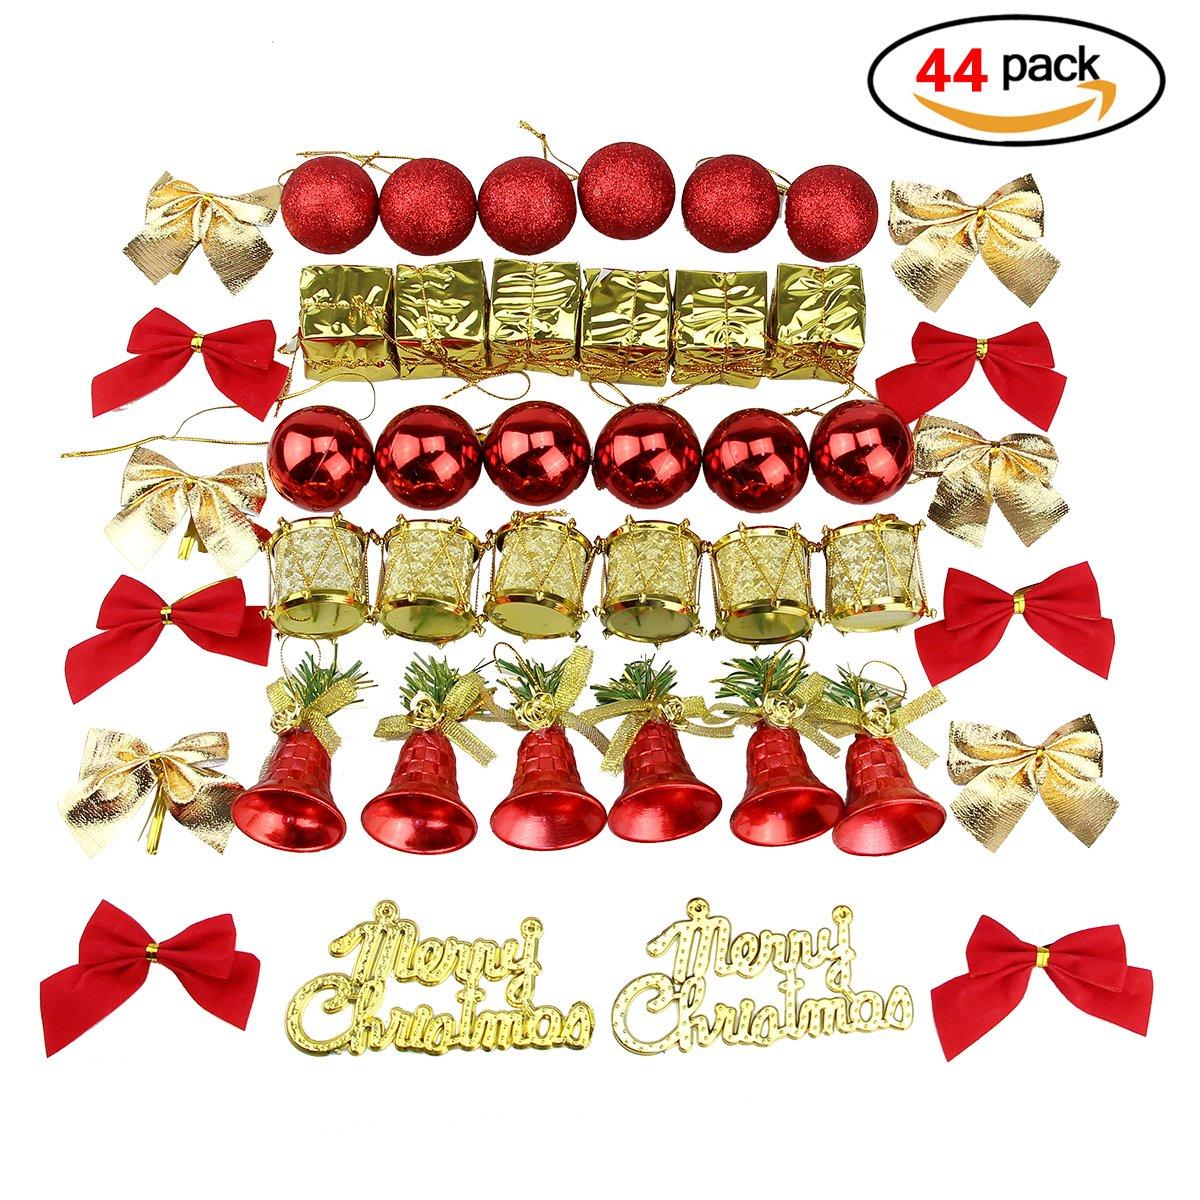 confezione assortita 44 infrangibili con rosso decorativo delle palle di natale jingle bells batteria e altri natale ciondolo doro Decorazioni per lalbero di natale